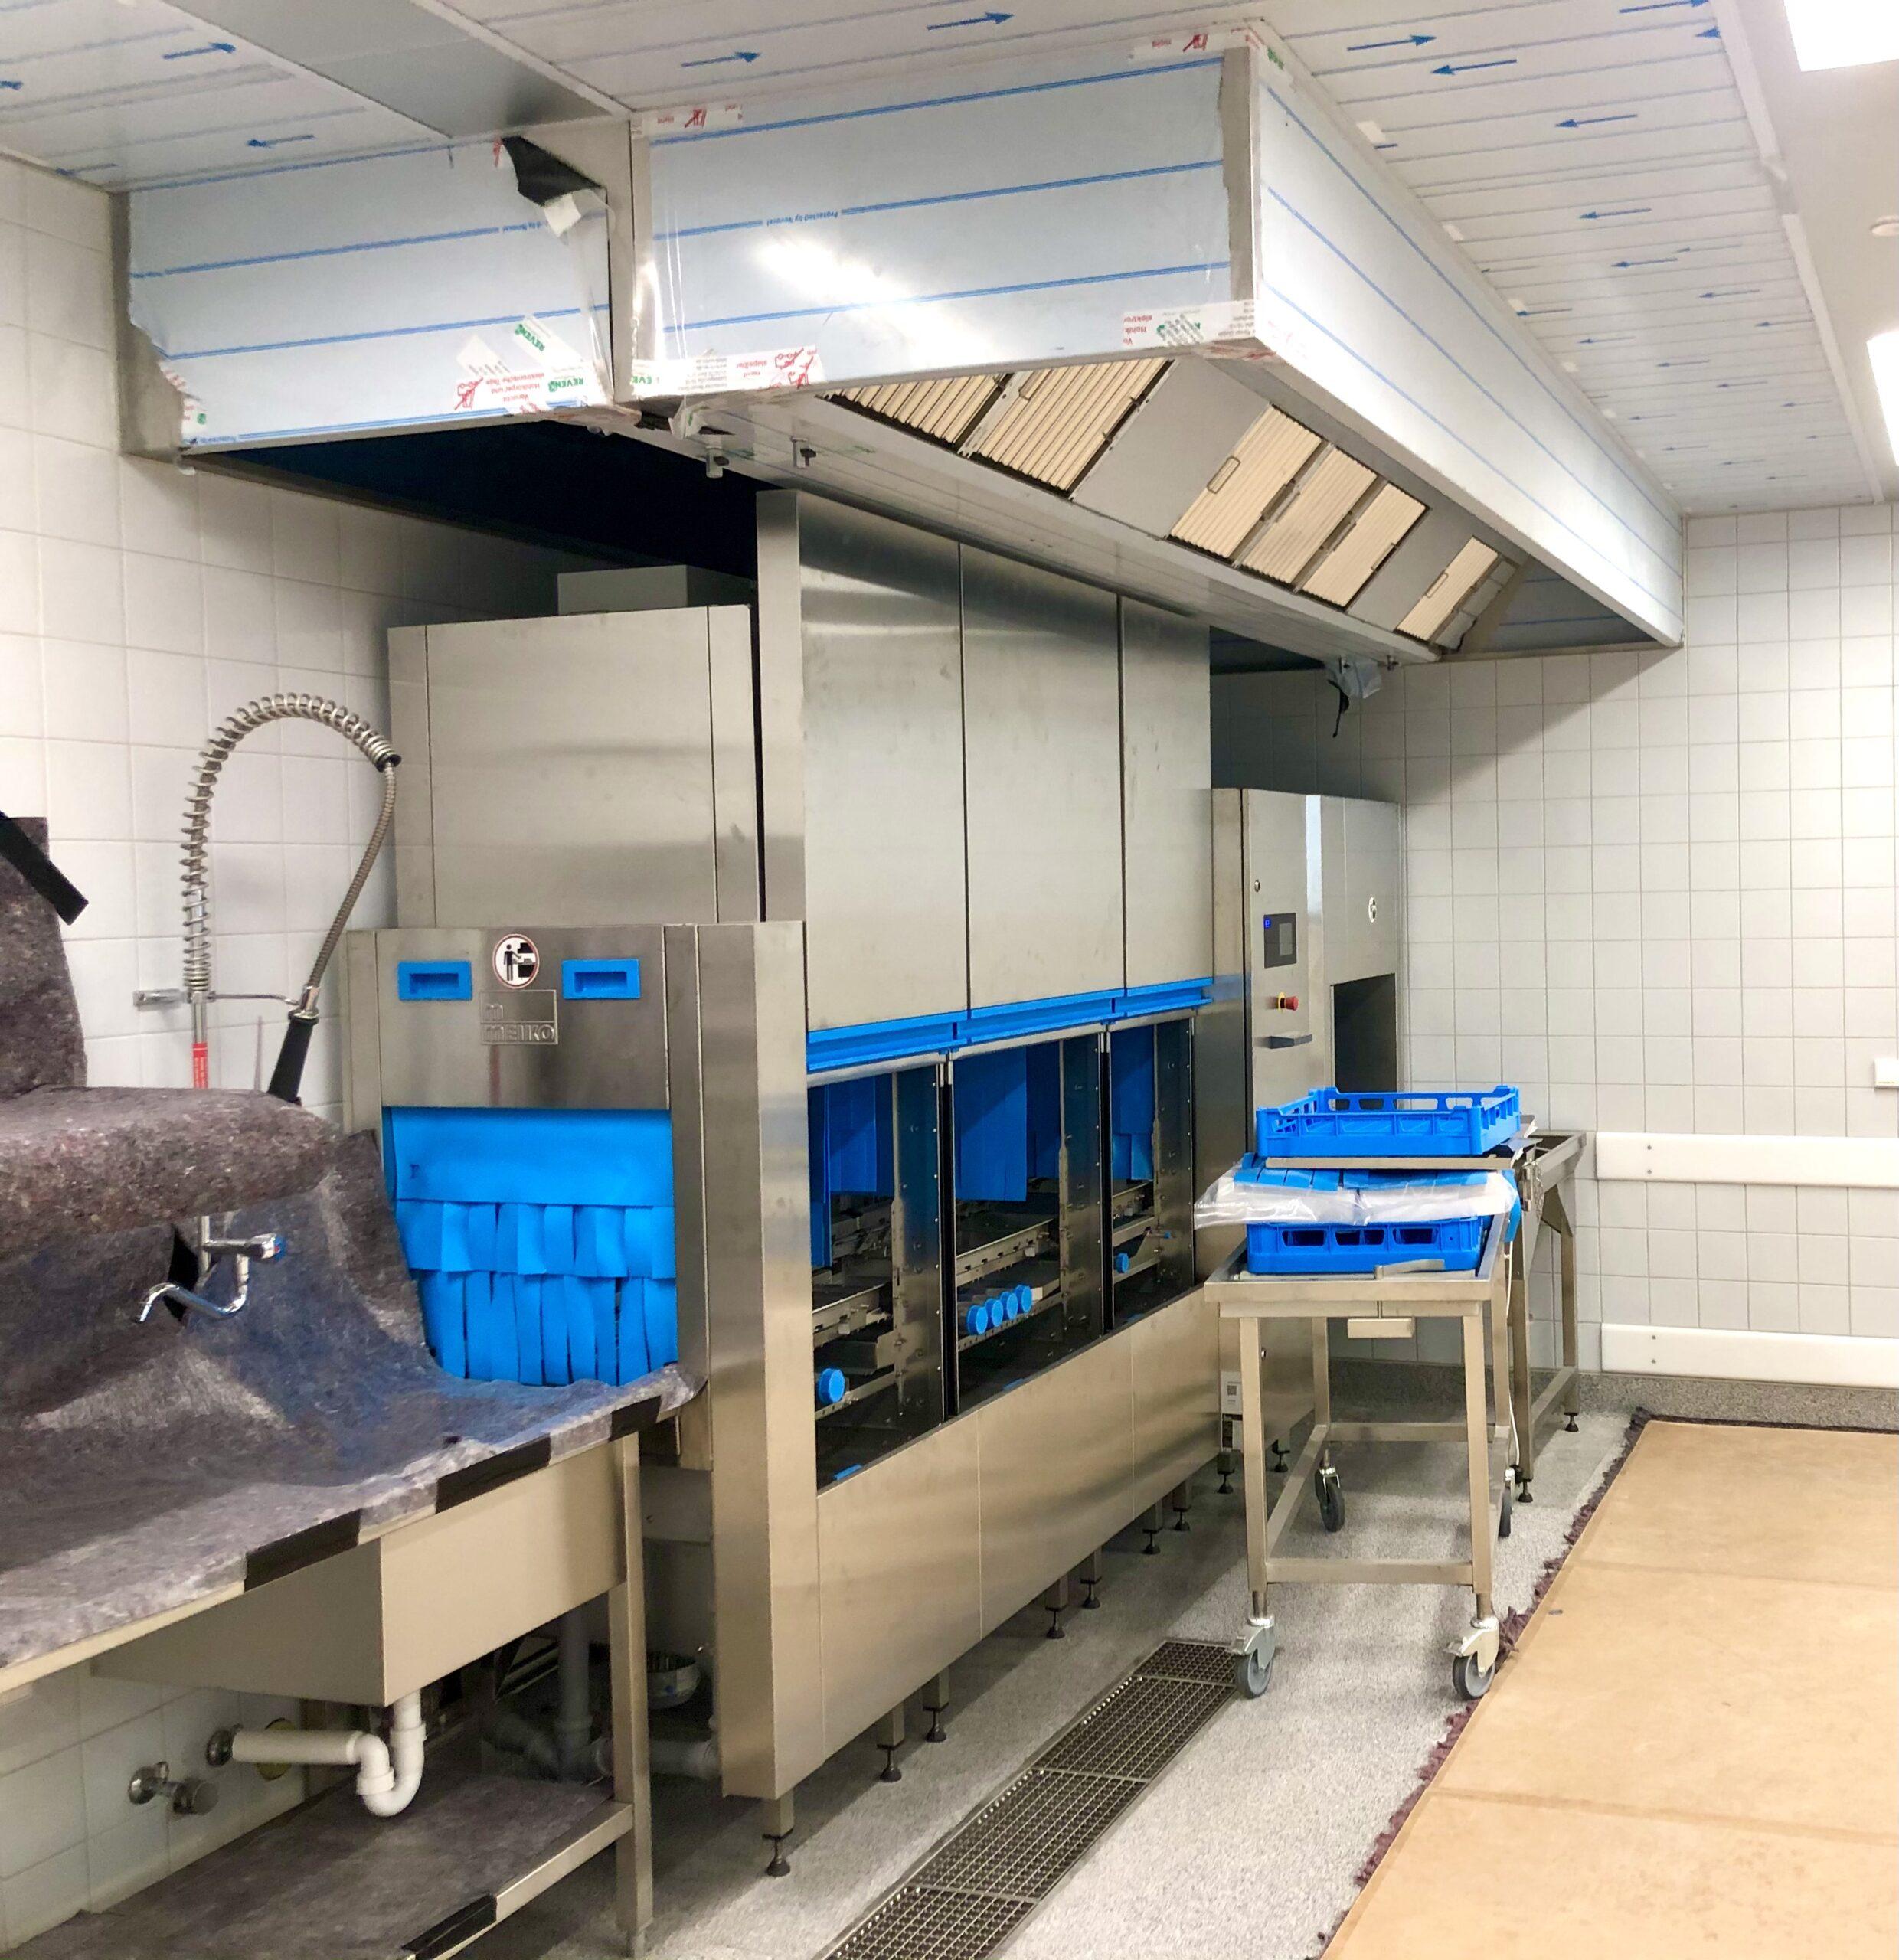 Spülmaschine in der Großküche